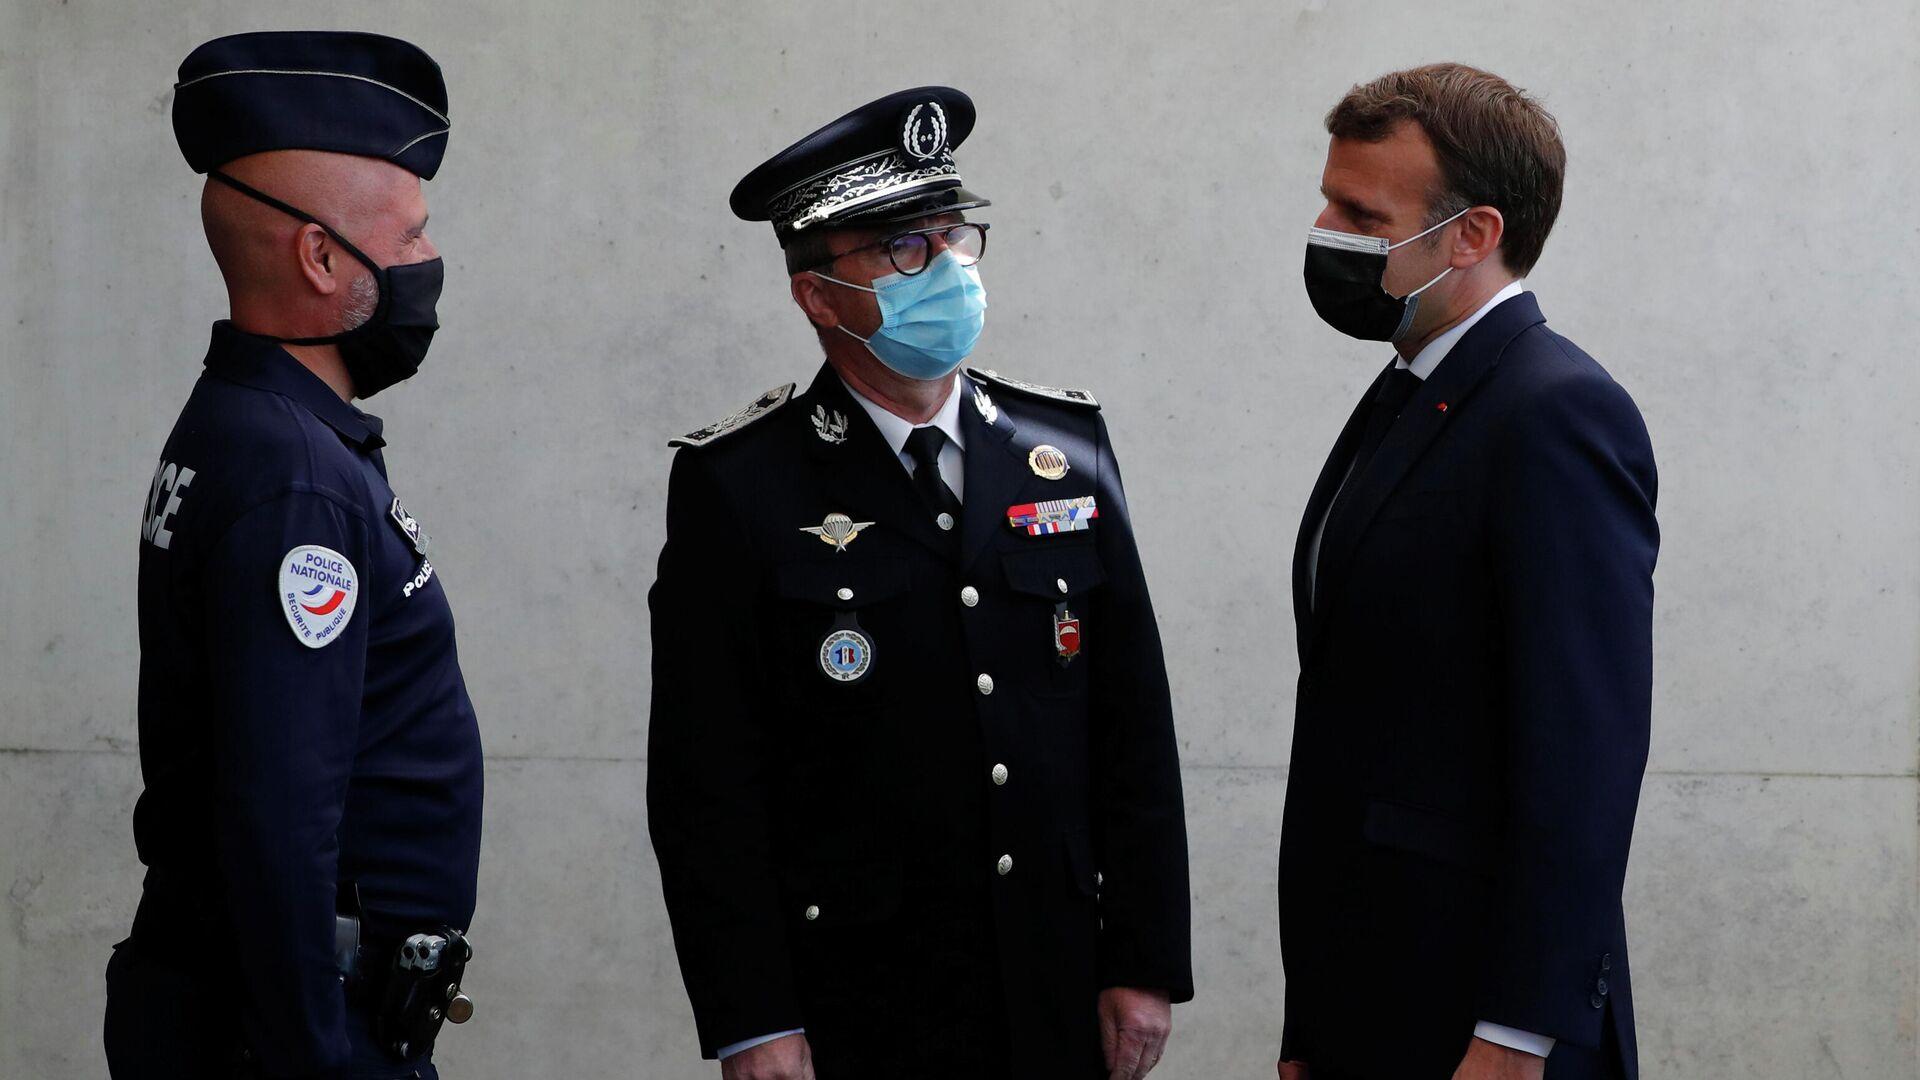 El presidente de Francia, Emmanuel Macron, visita la jefatura de policía en Montpellier - Sputnik Mundo, 1920, 26.04.2021